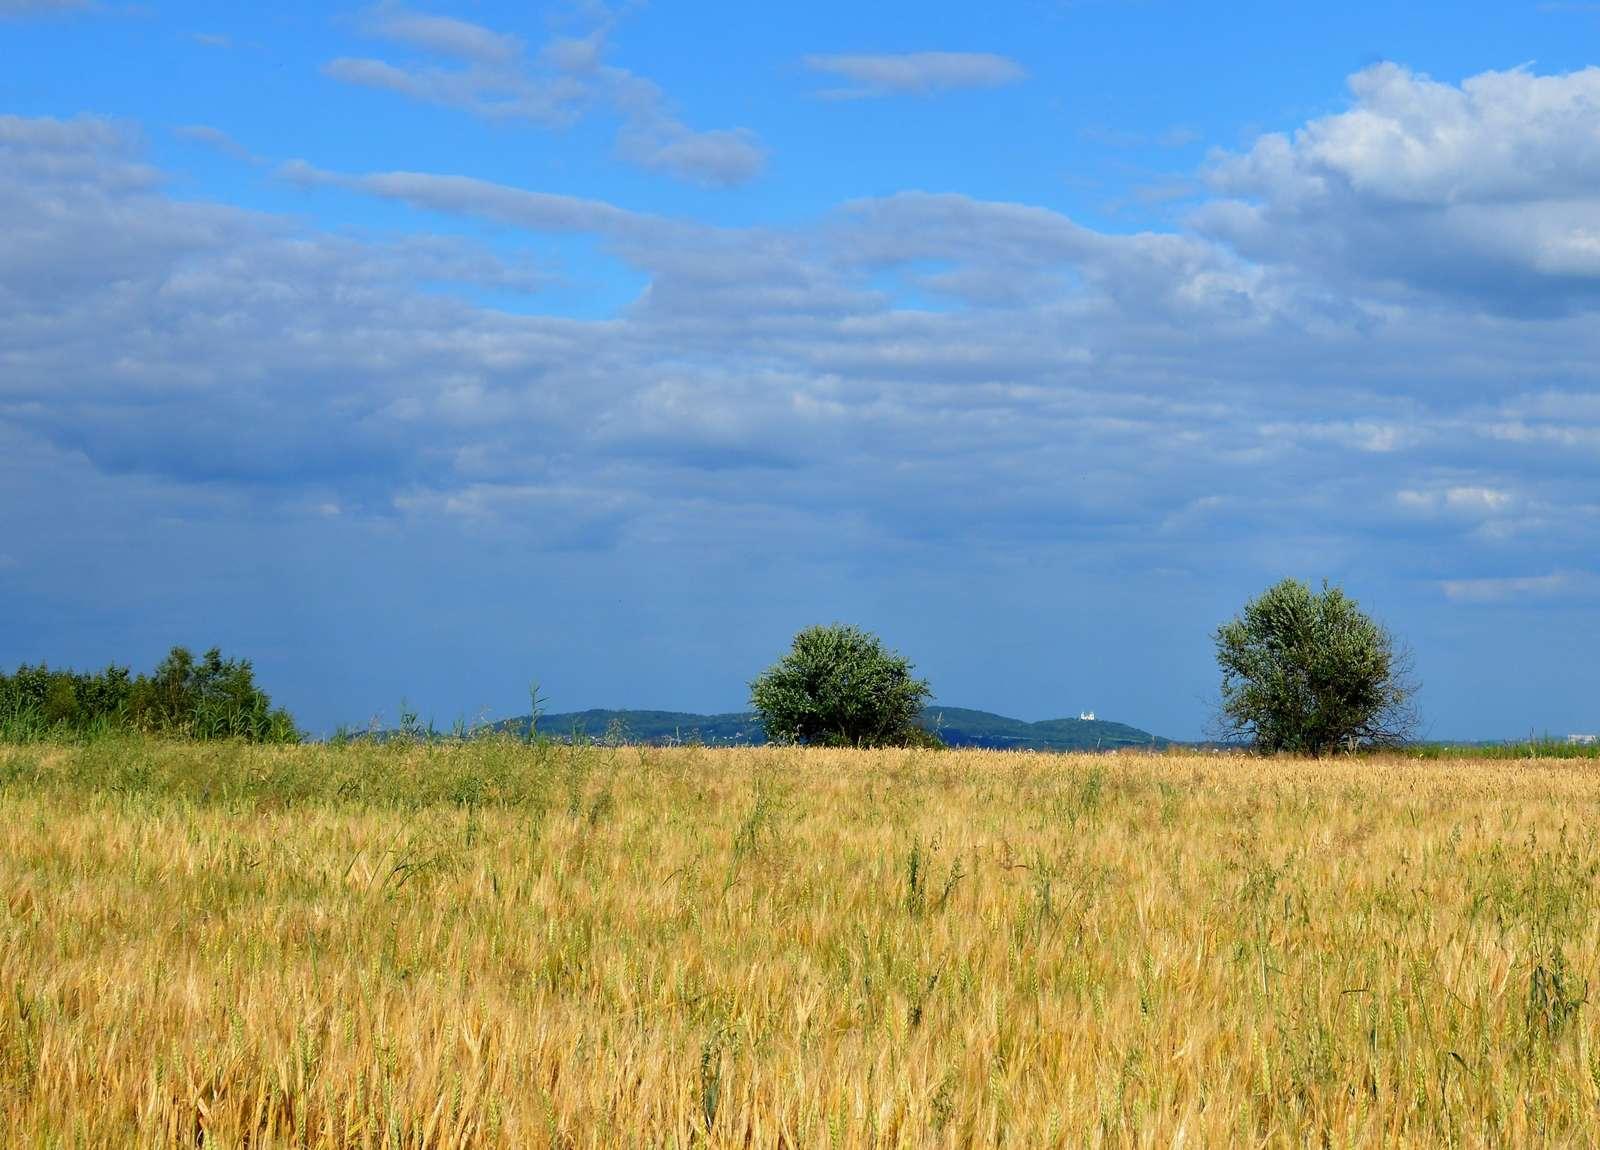 Πλήρες καλοκαίρι στη Ρίμπνα - Champs jaunes, ciel bleu et à l'horizon (7×6)